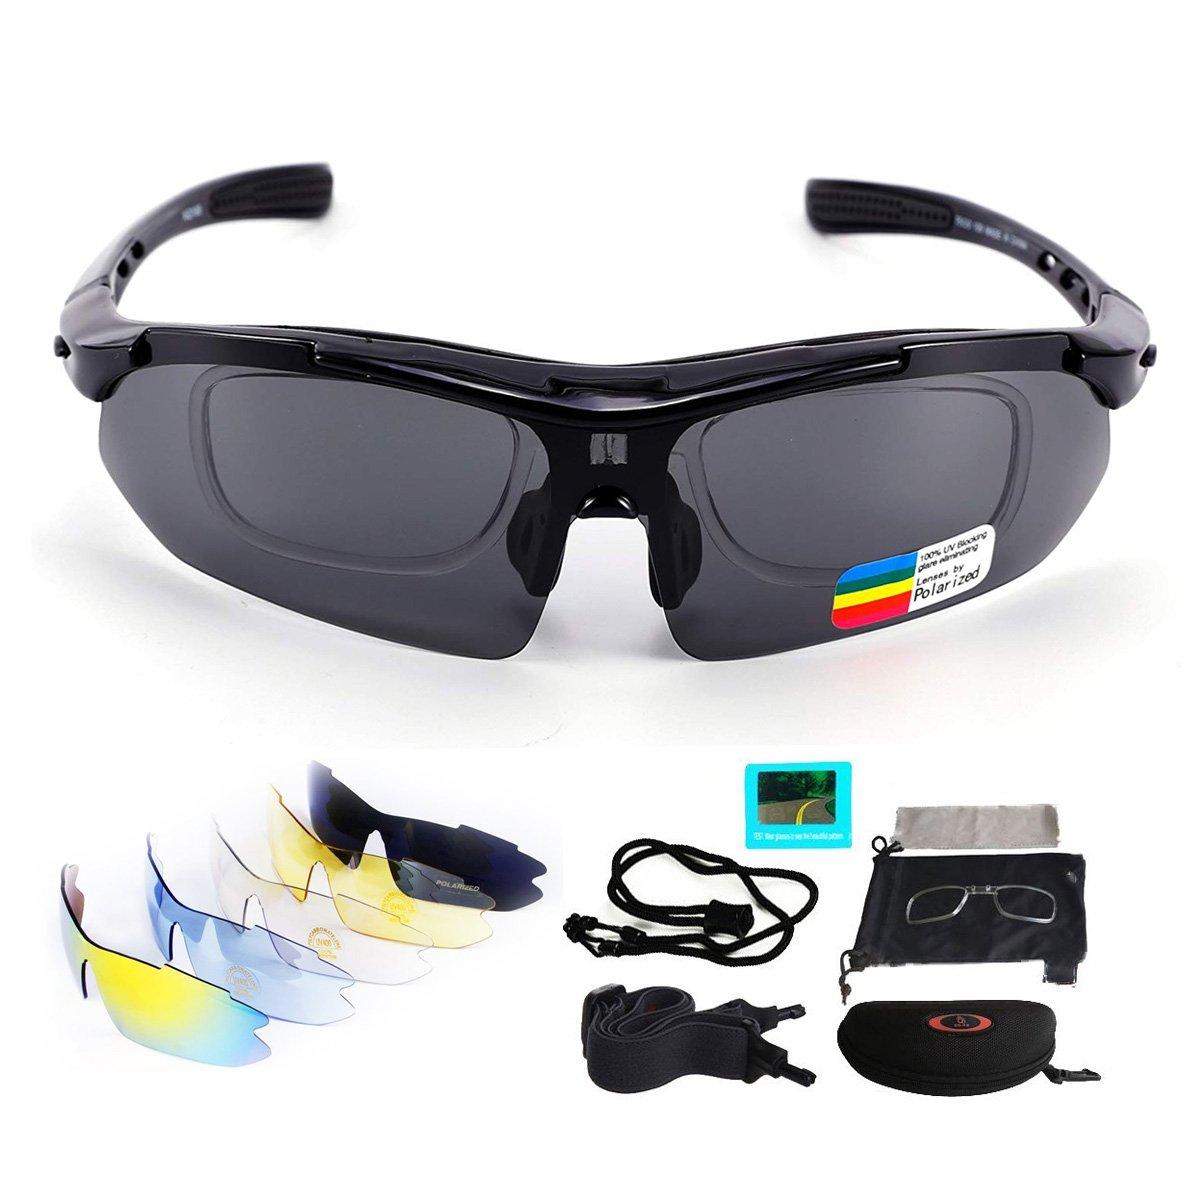 8f1a67e9bee Sports Sunglasses Polarized for Men Women